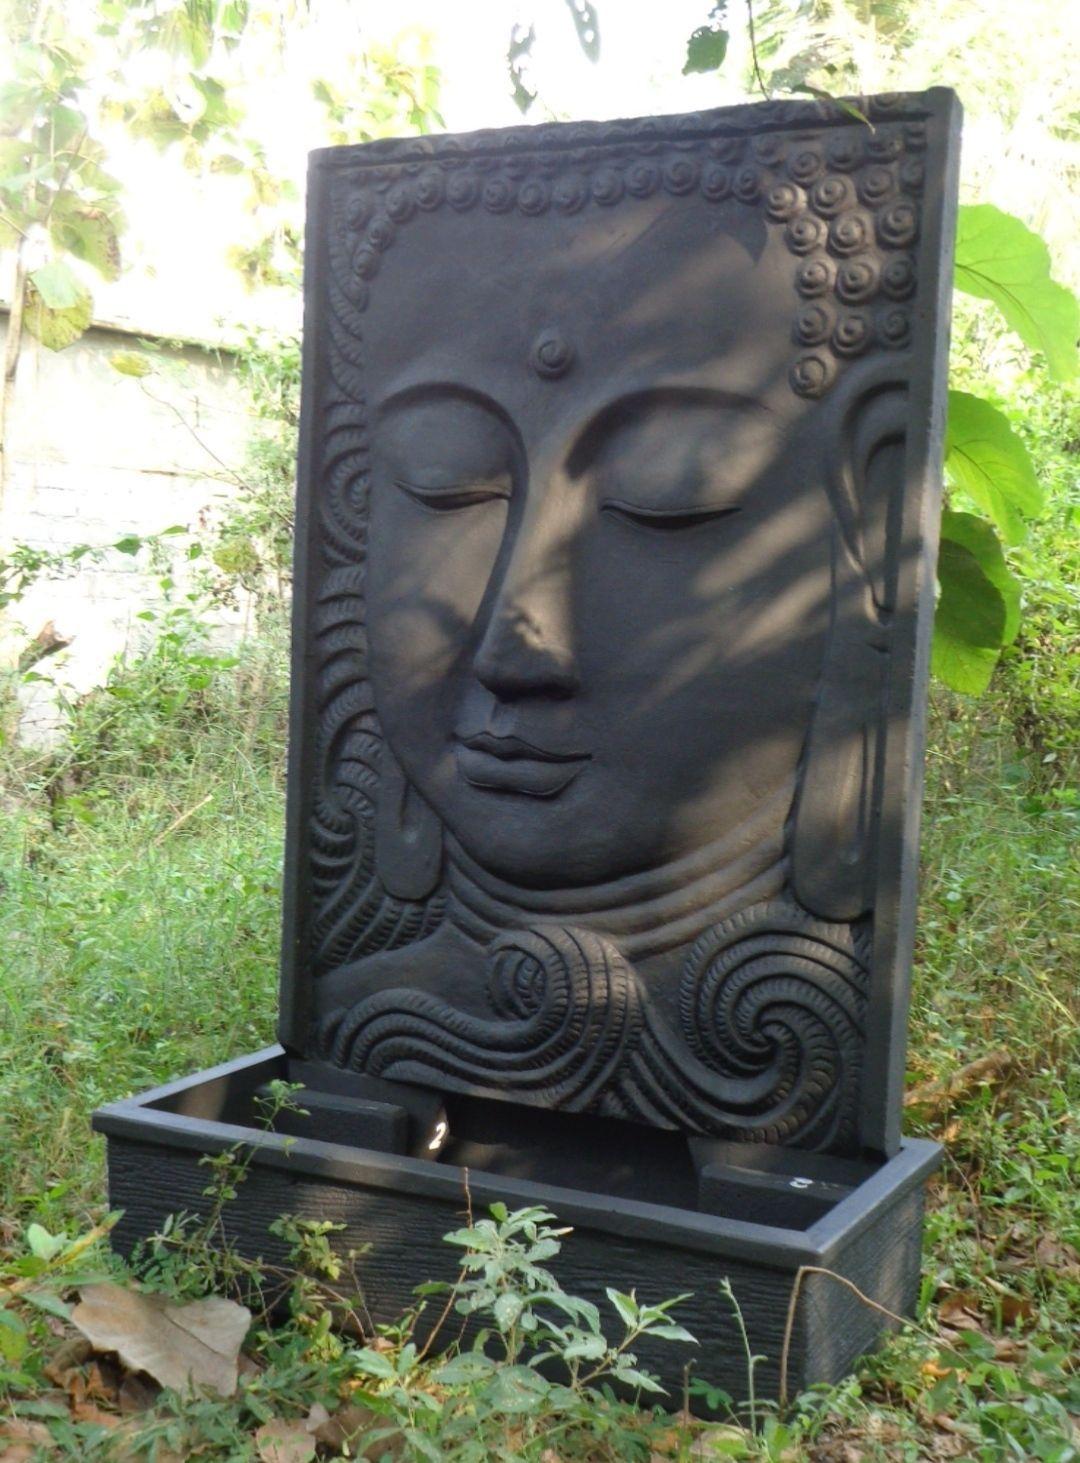 Grande Fontaine De Jardin Mur D'eau Visage De Bouddha 2M 10 ... pour Fontaine De Jardin Bouddha